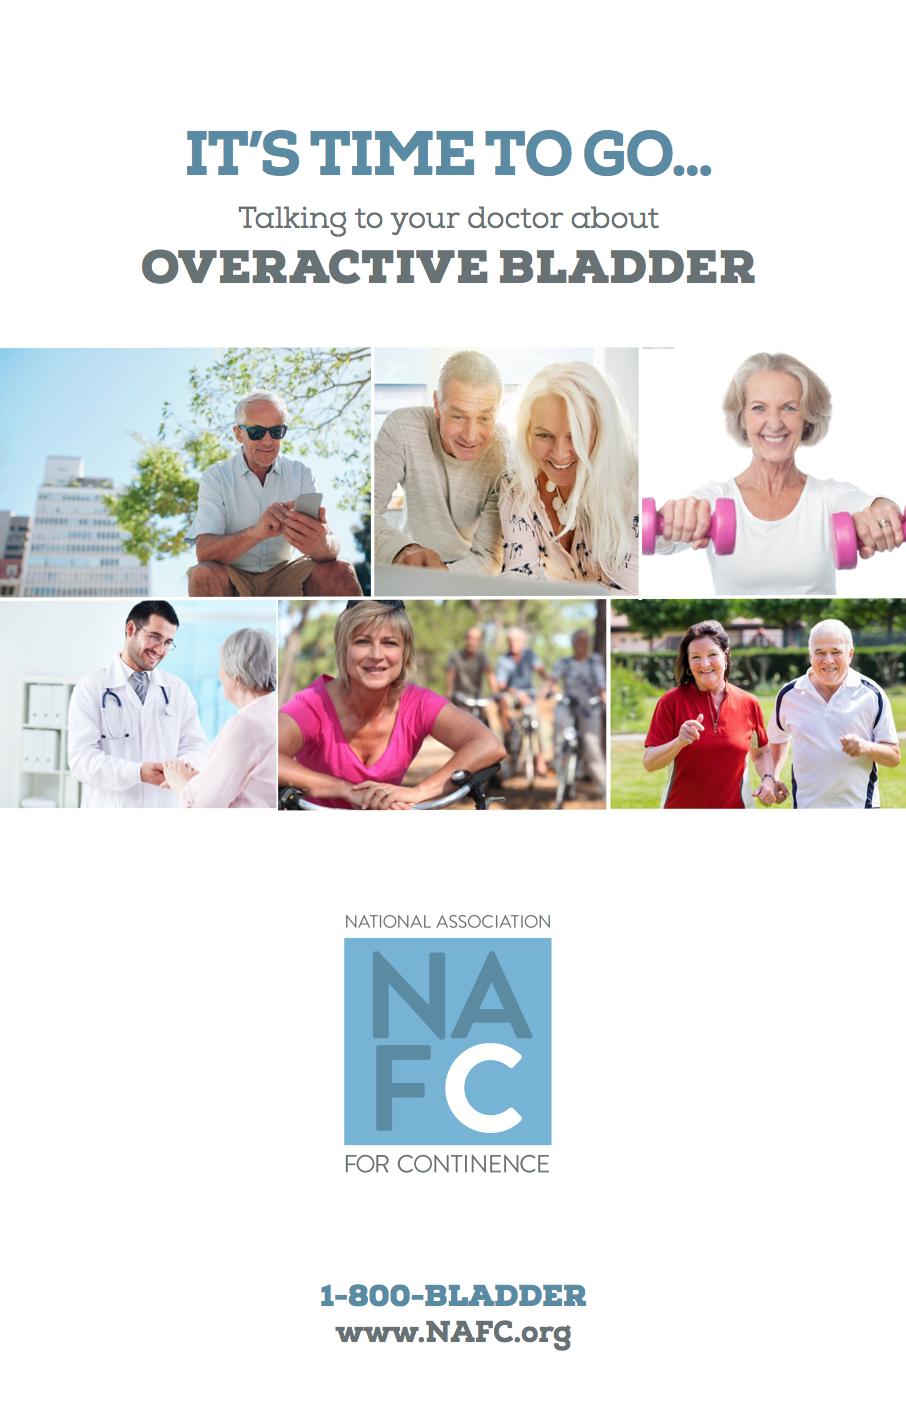 NAFC Overactive Bladder Brochure